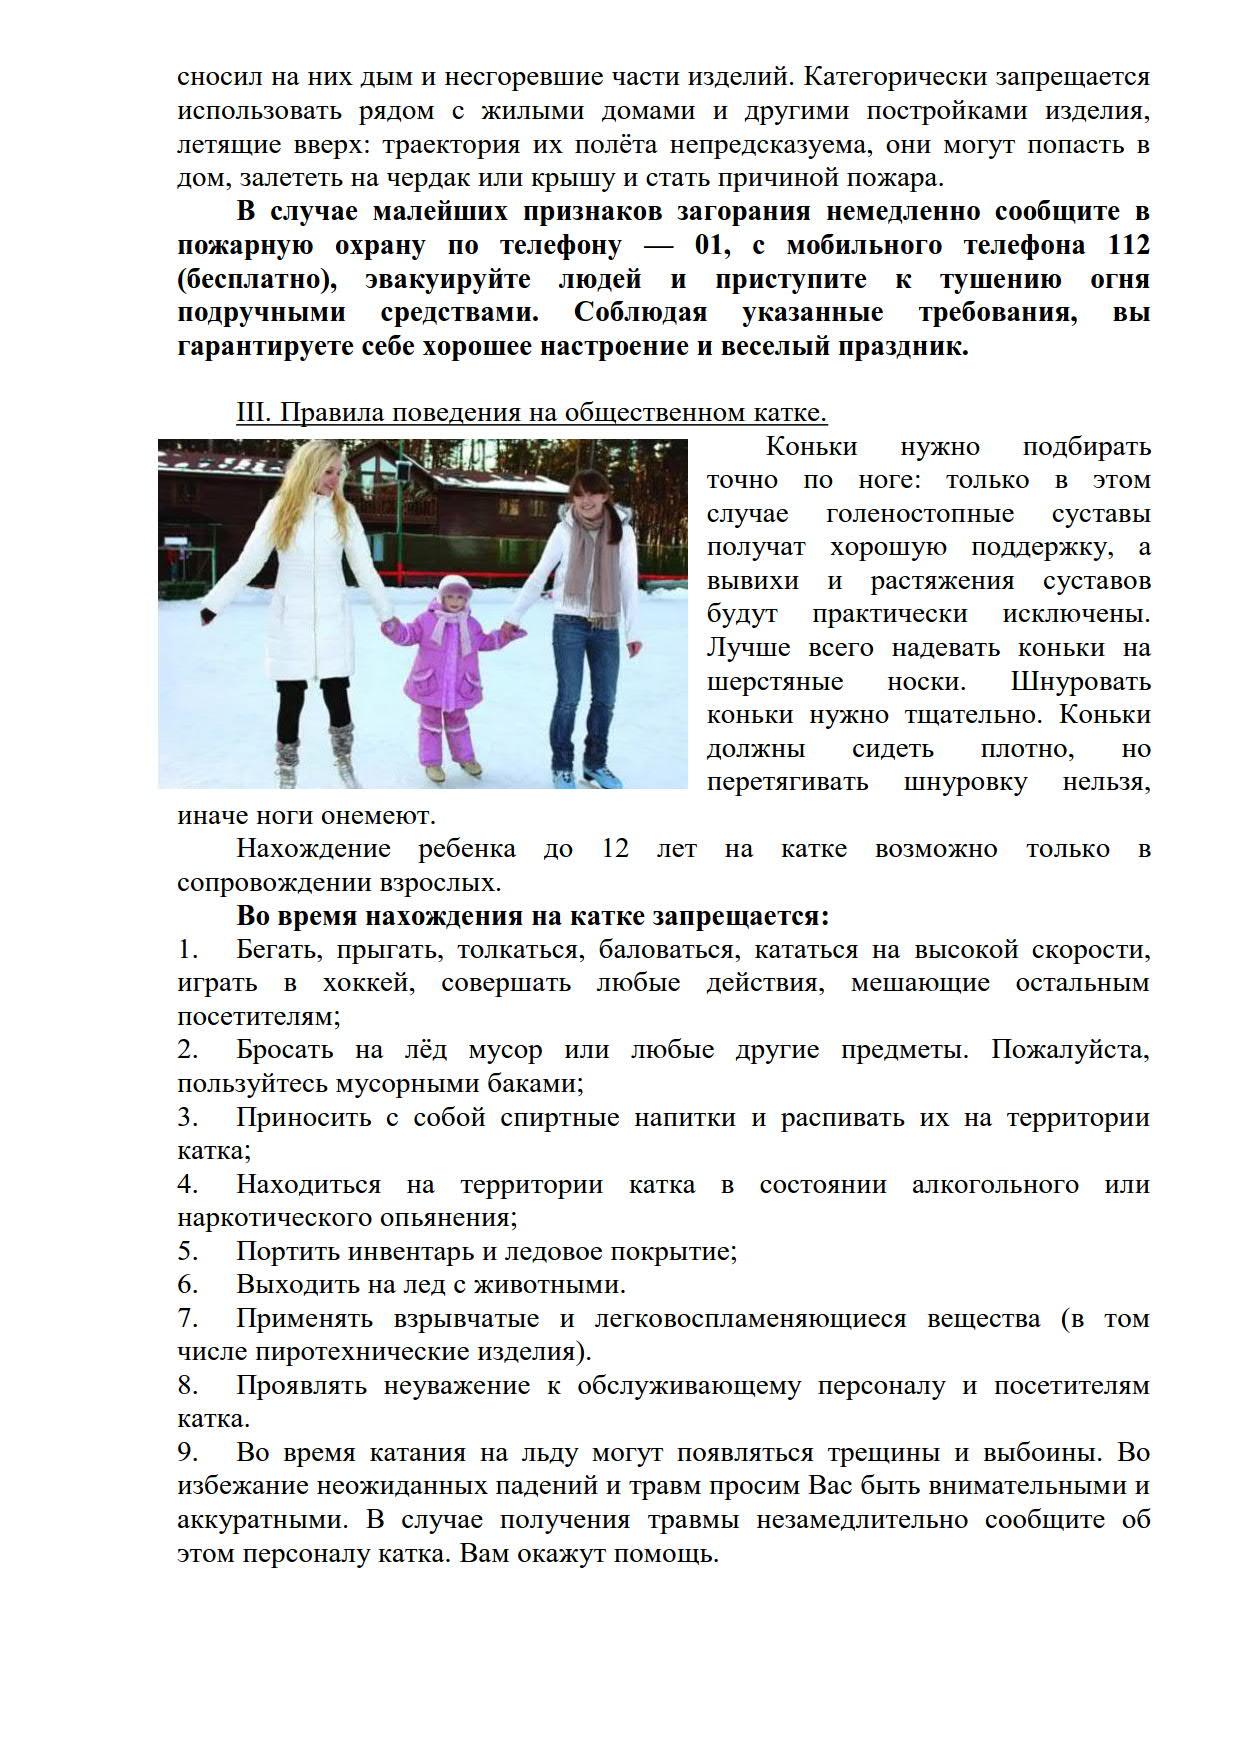 Правила безопасности в период Нового года и Рождества_3